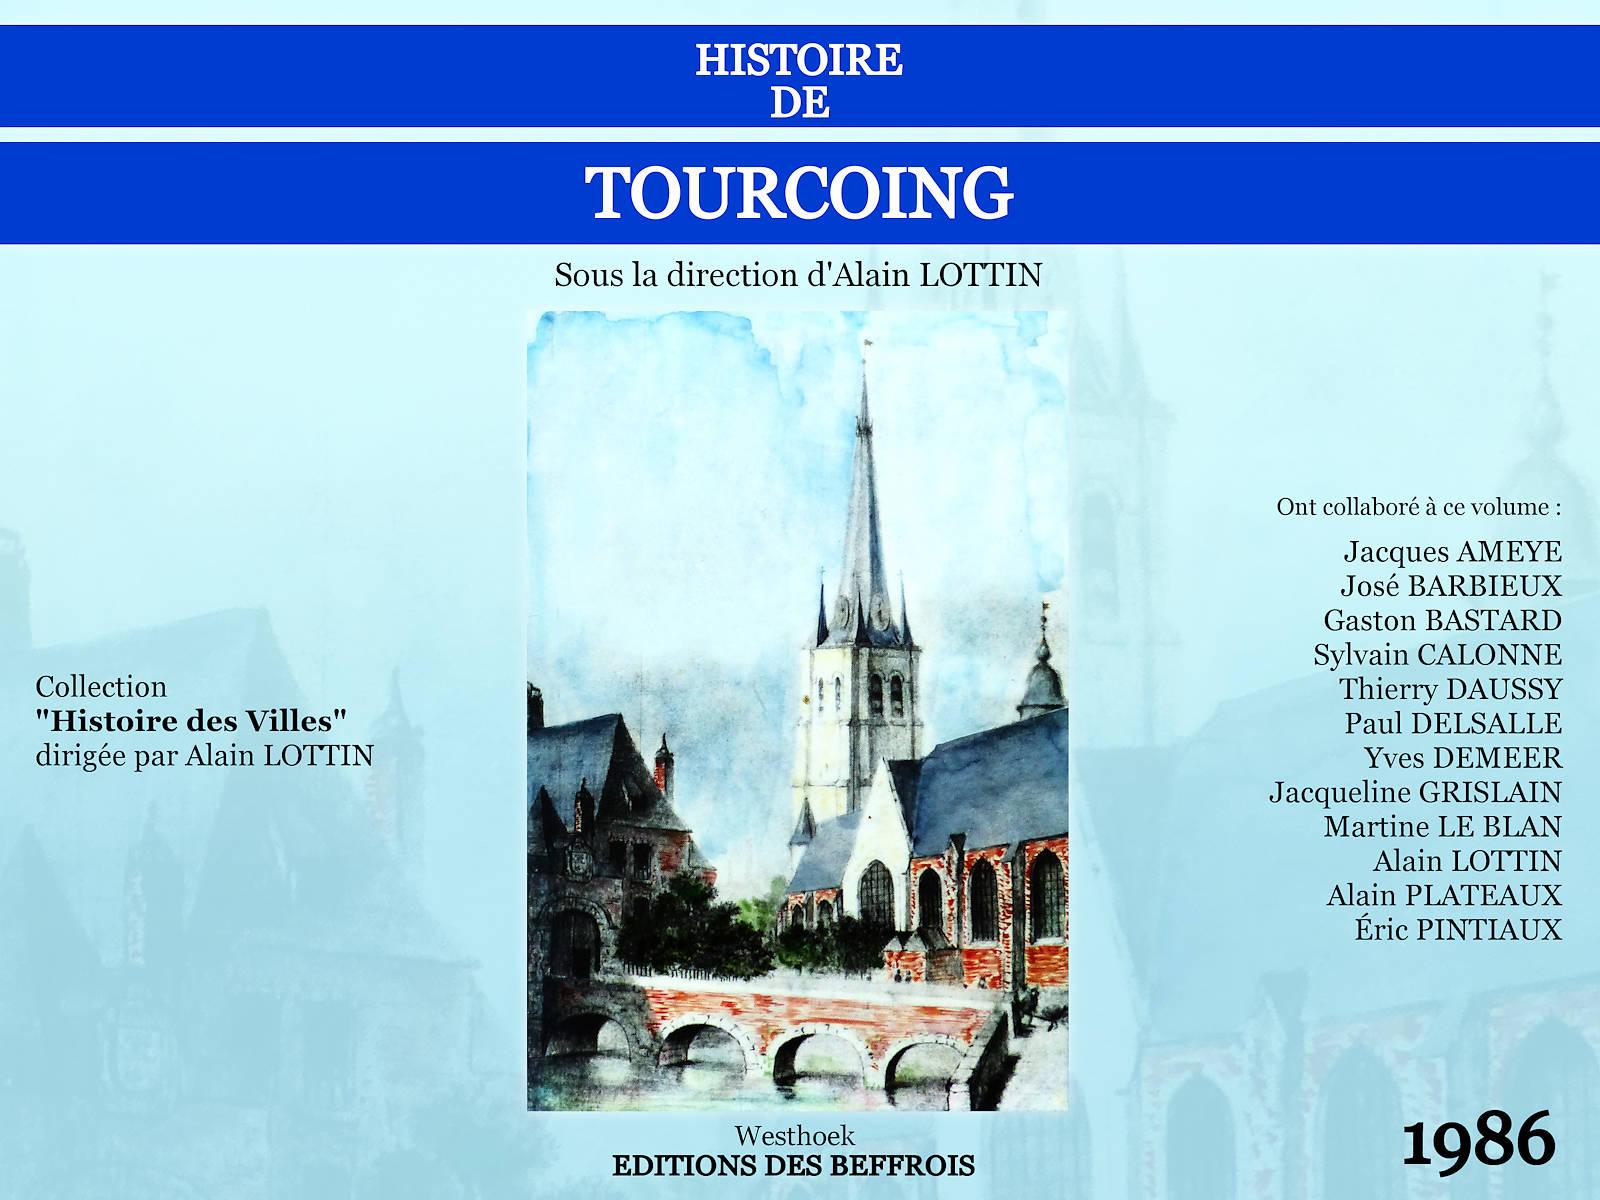 Couverture du Livre Histoire de Tourcoing d'Alain Lottin